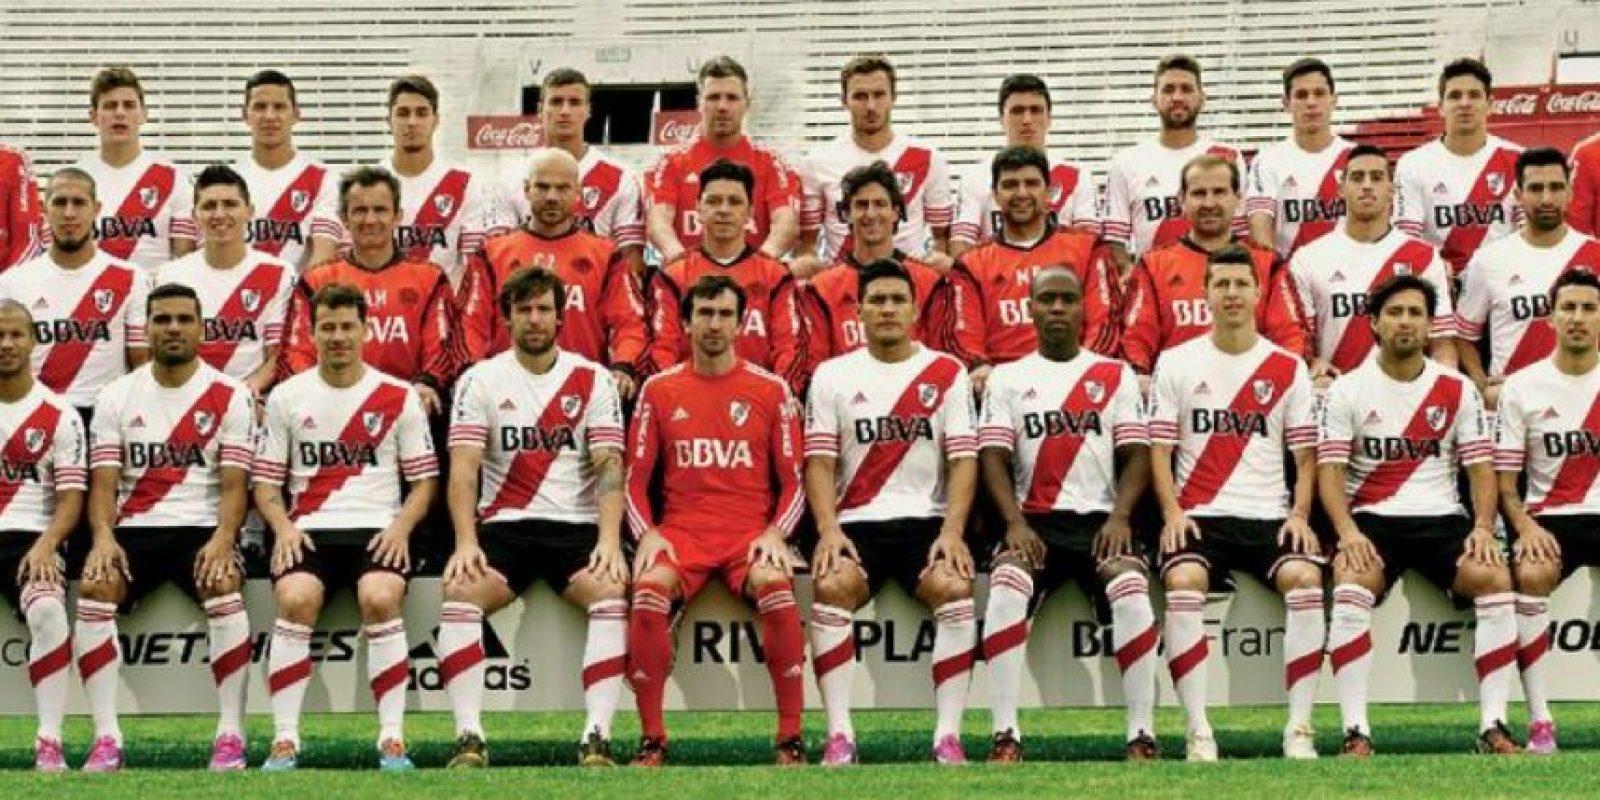 Cuando ganaron su segunda y última Copa Libertadores Foto:Twitter: @CARPoficial